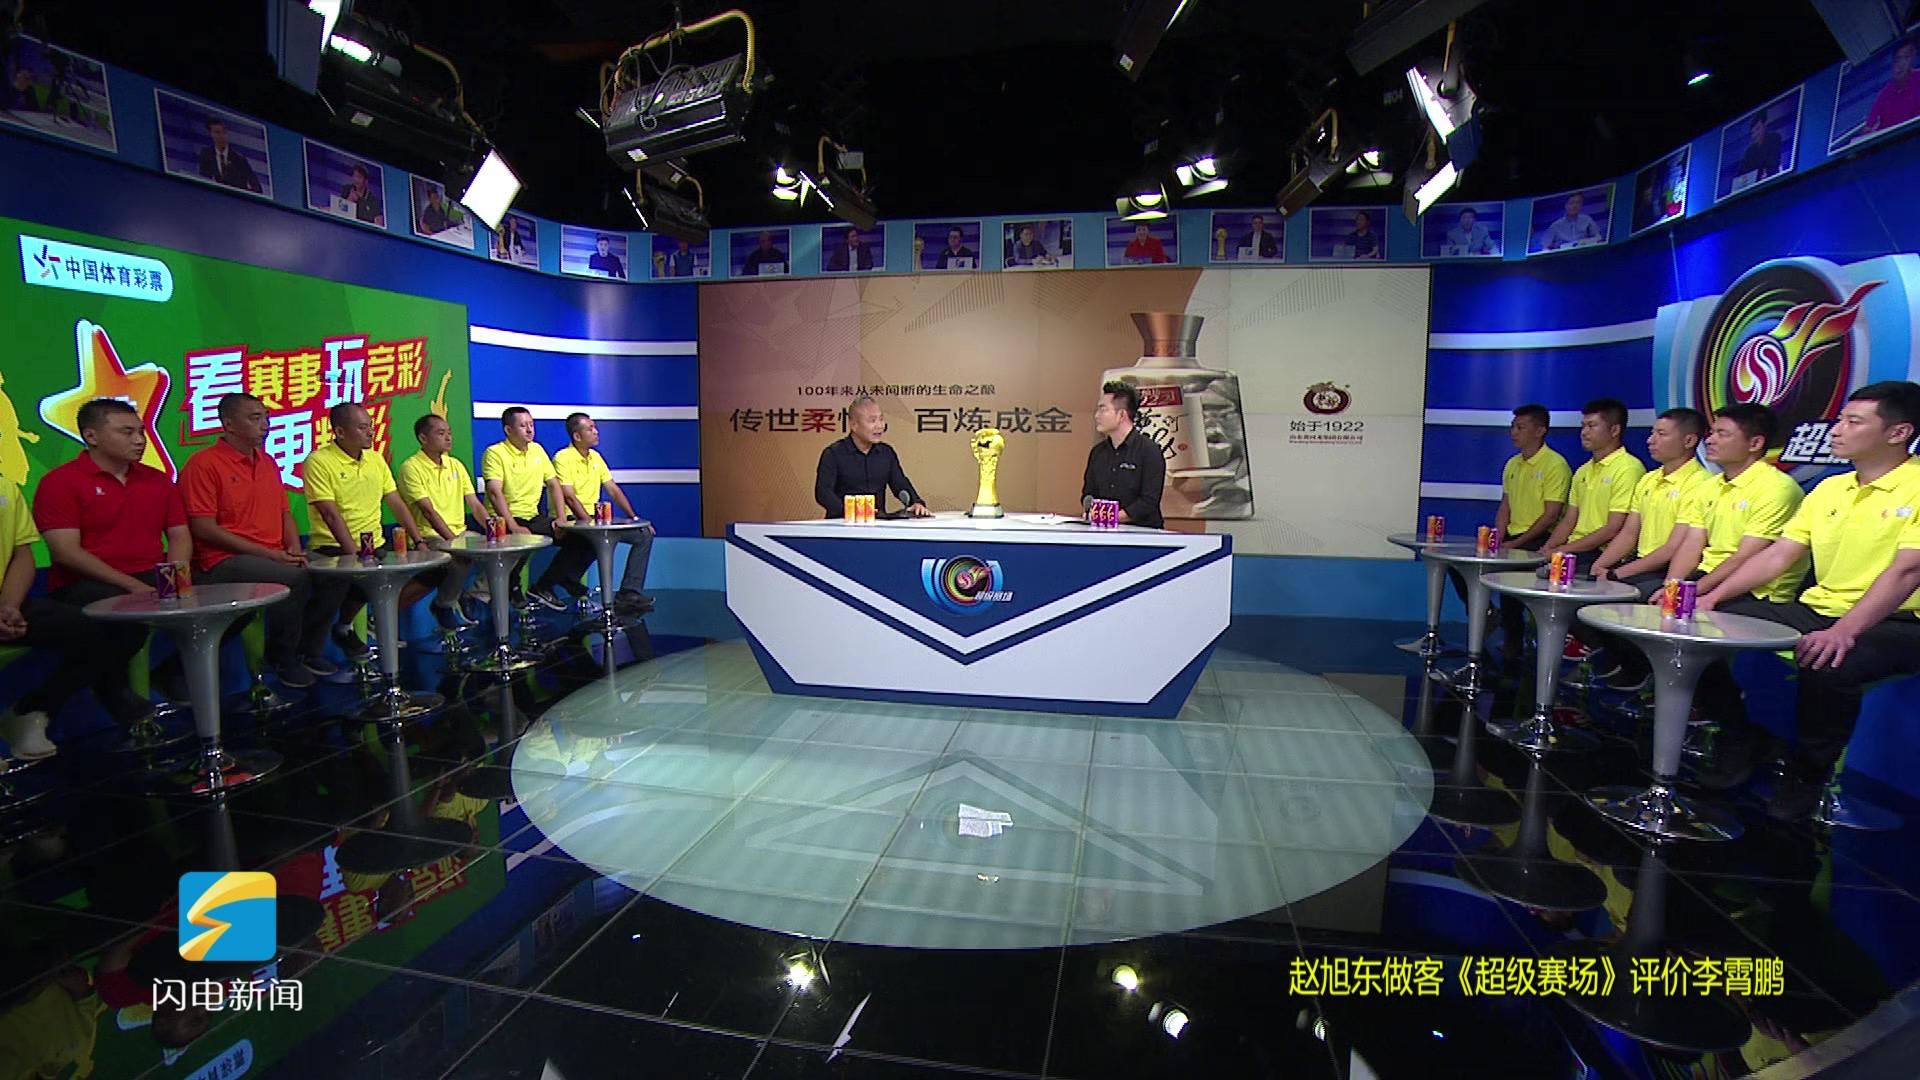 赵旭东:中青代教练将成为中国足球教练员的主流趋势